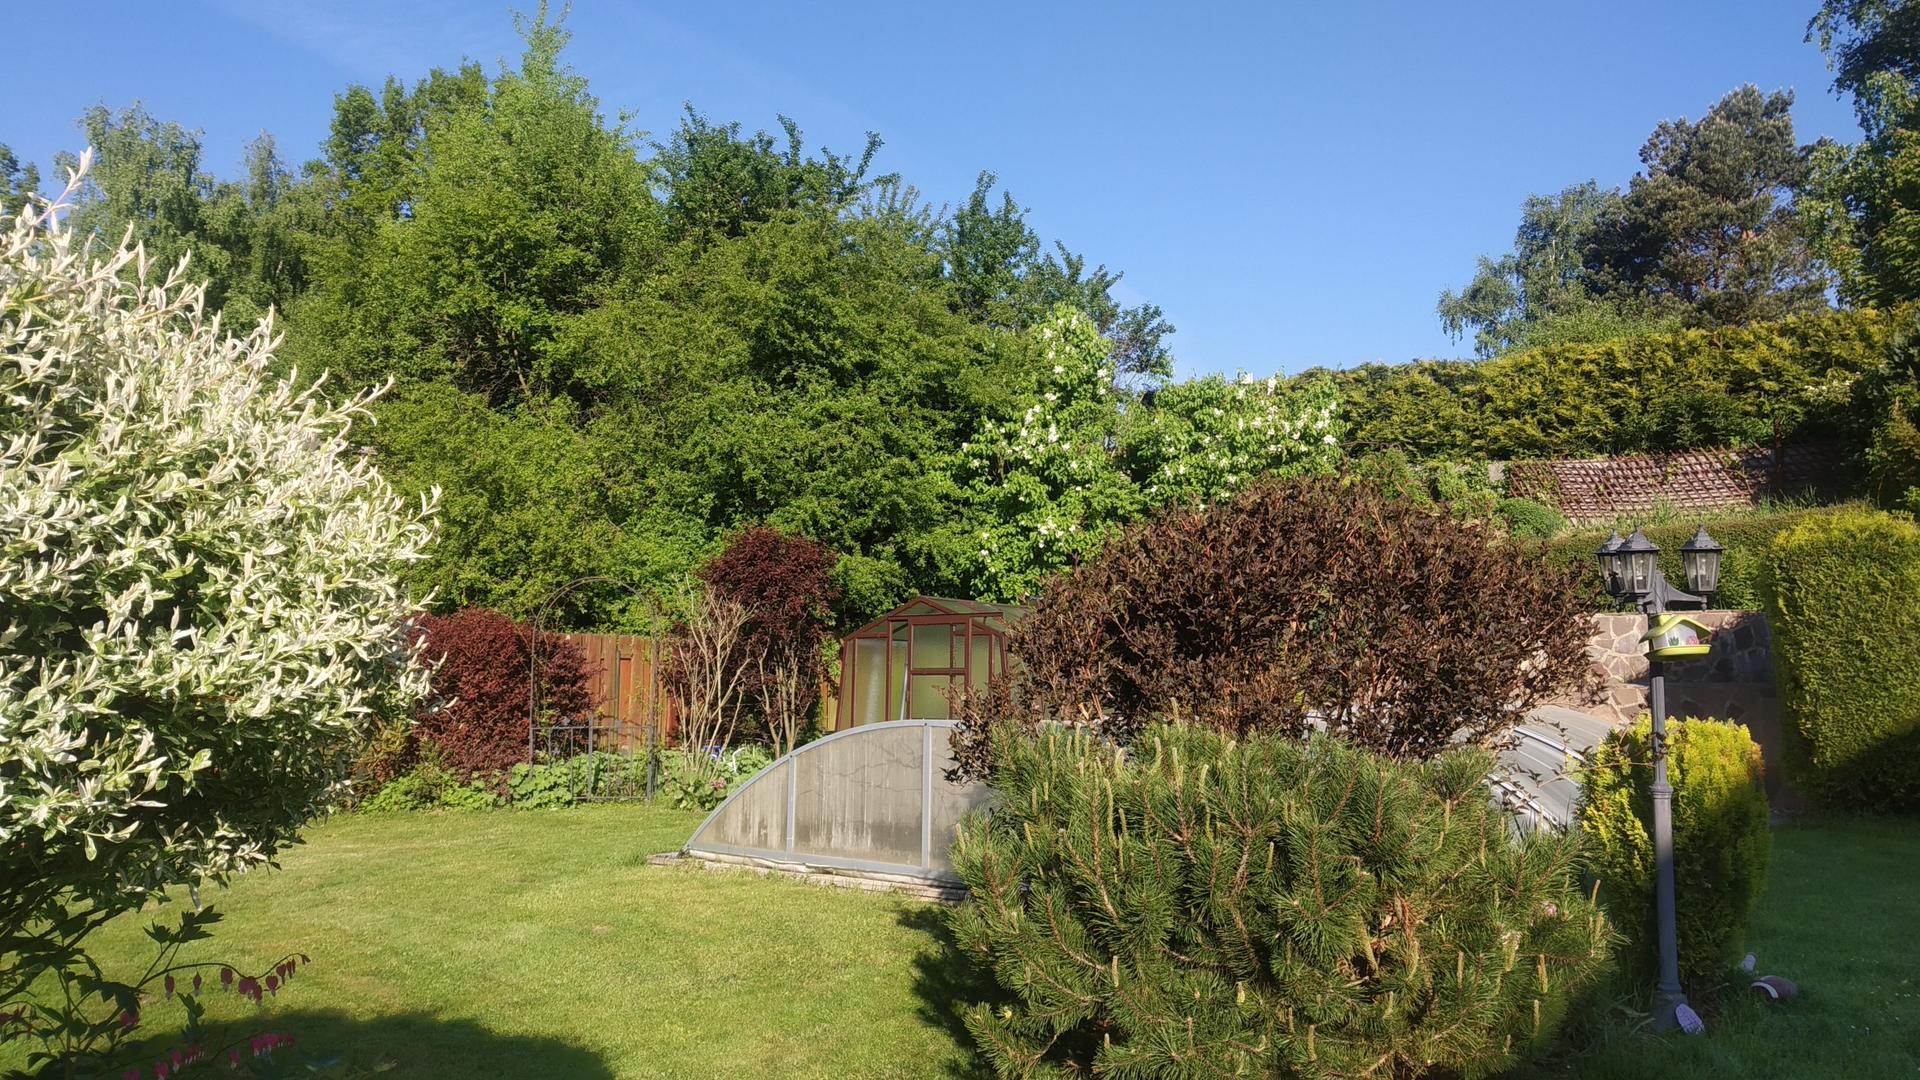 Zahrada 2021 a budování skleníku - Obrázek č. 25